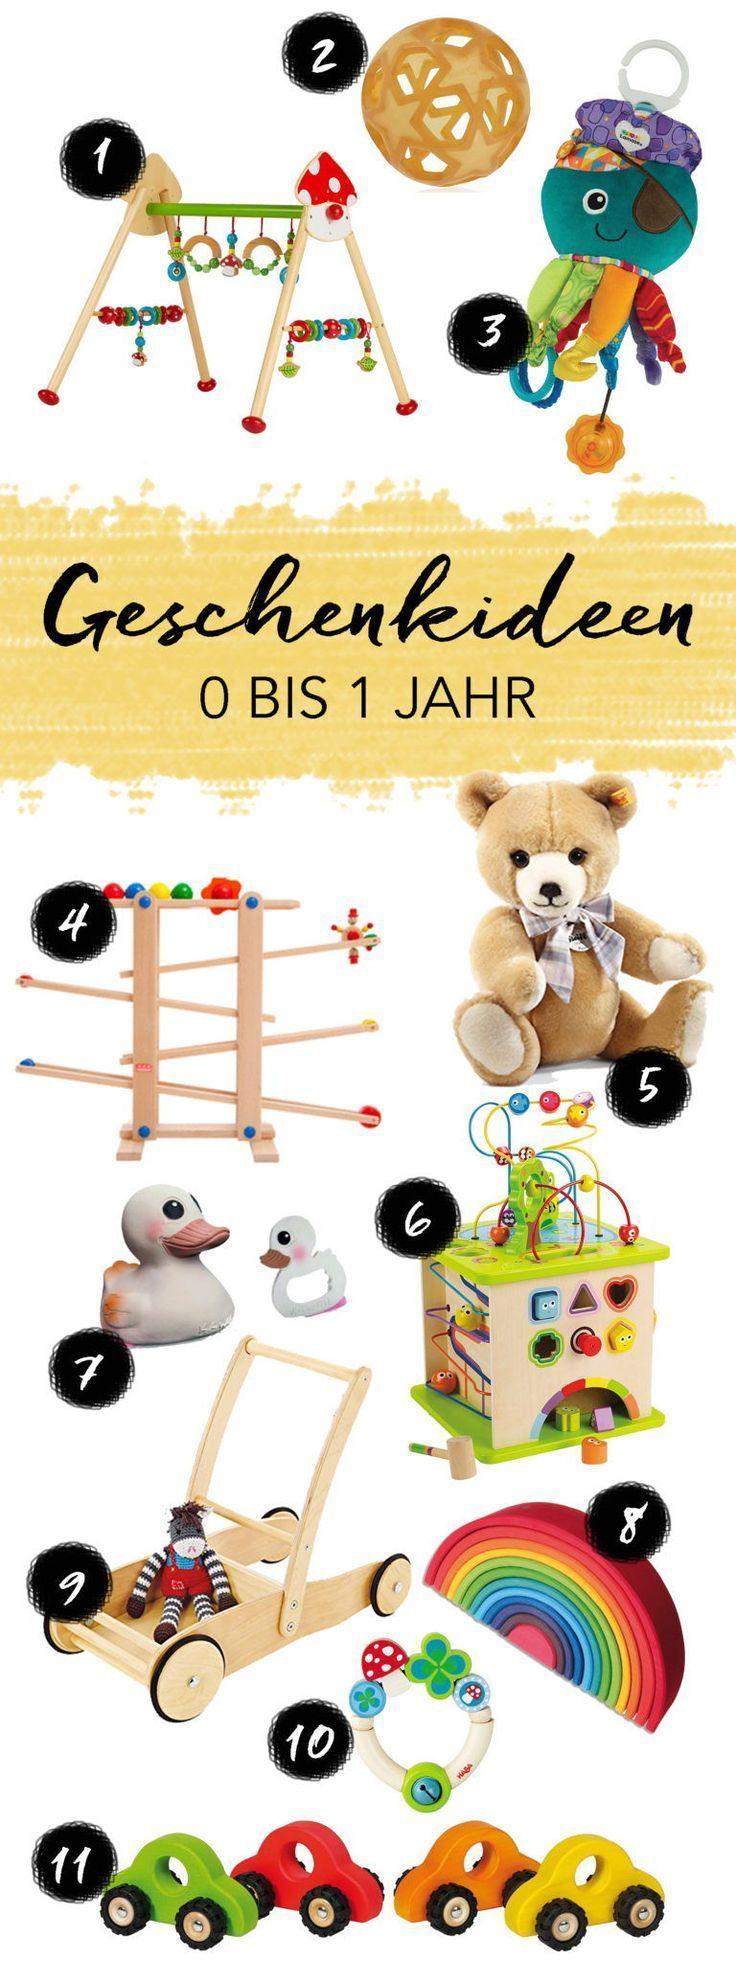 9 Geschenkideen für Kinder zum 1. Geburtstag   Geschenkideen